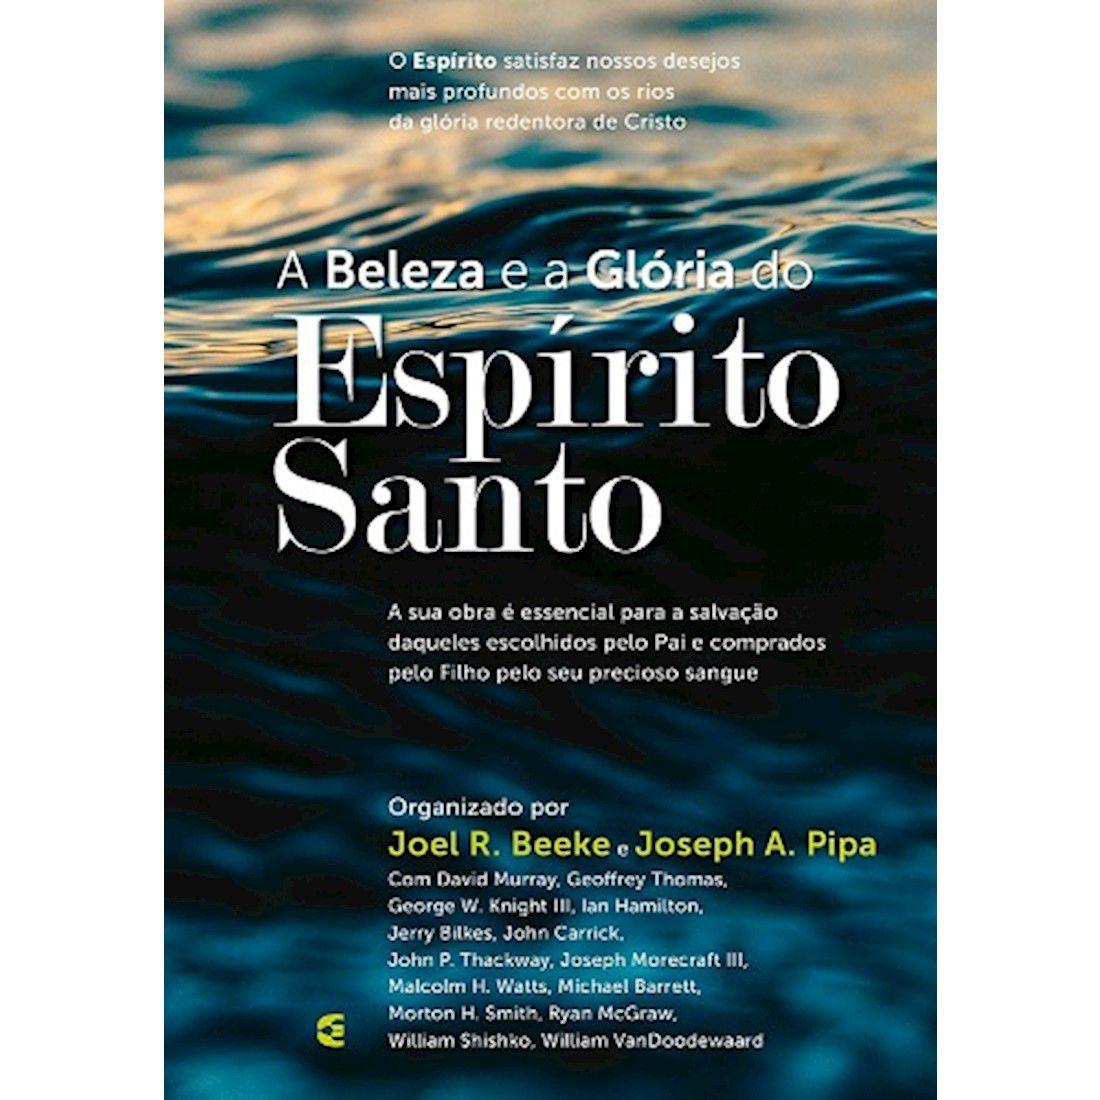 Livro A Beleza e a Glória do Espírito Santo